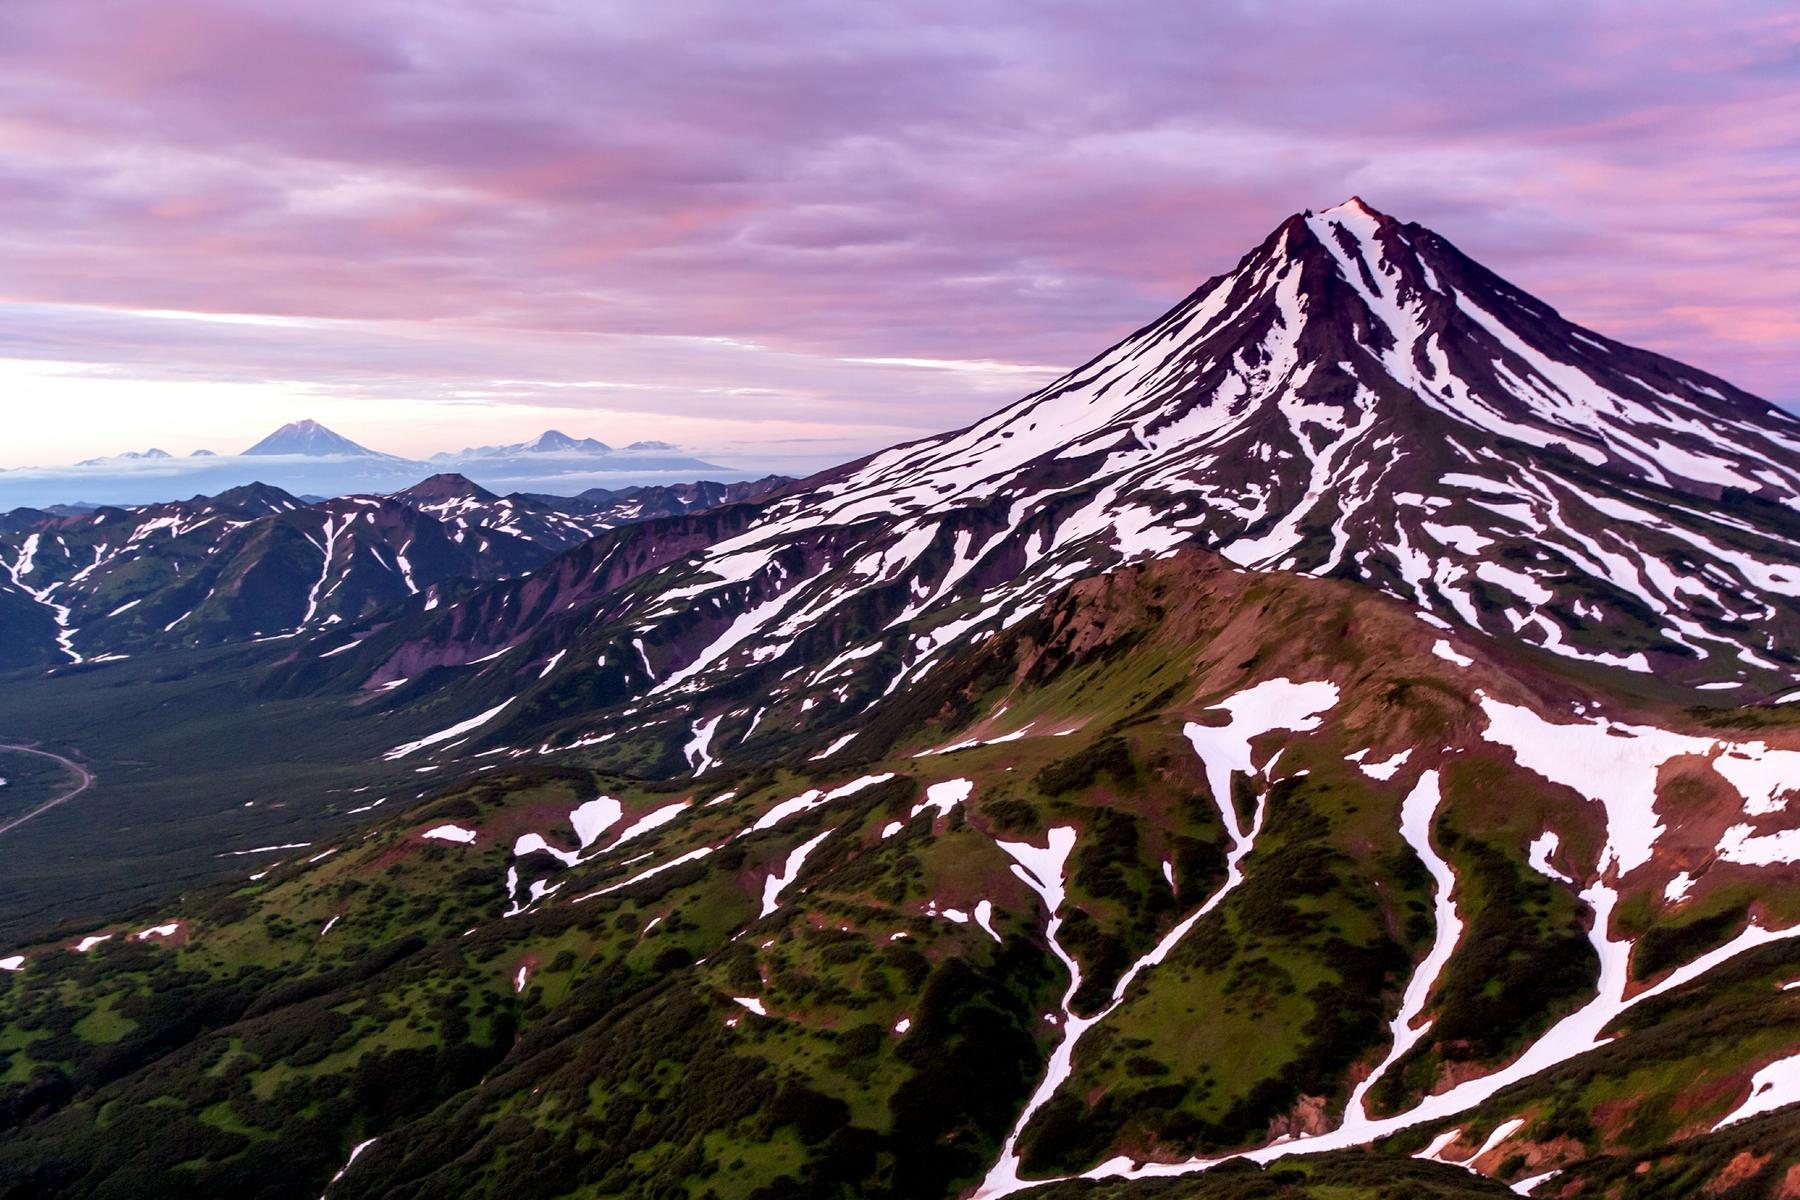 Вилючинская Сопка — красивый вулкан на Камчатке зимой